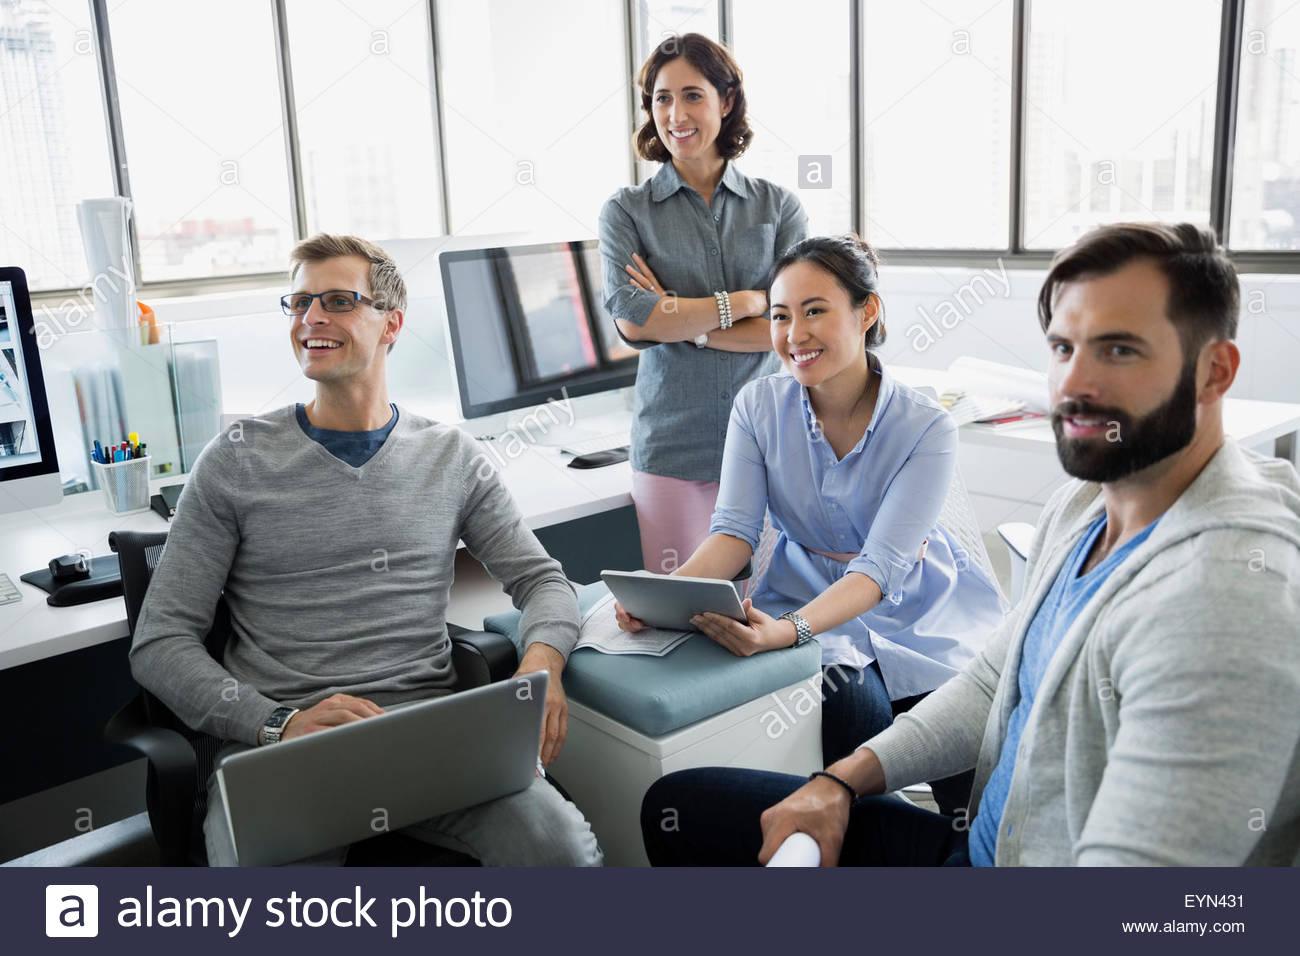 Les gens d'affaires avec ordinateur portable et tablette numérique office Photo Stock